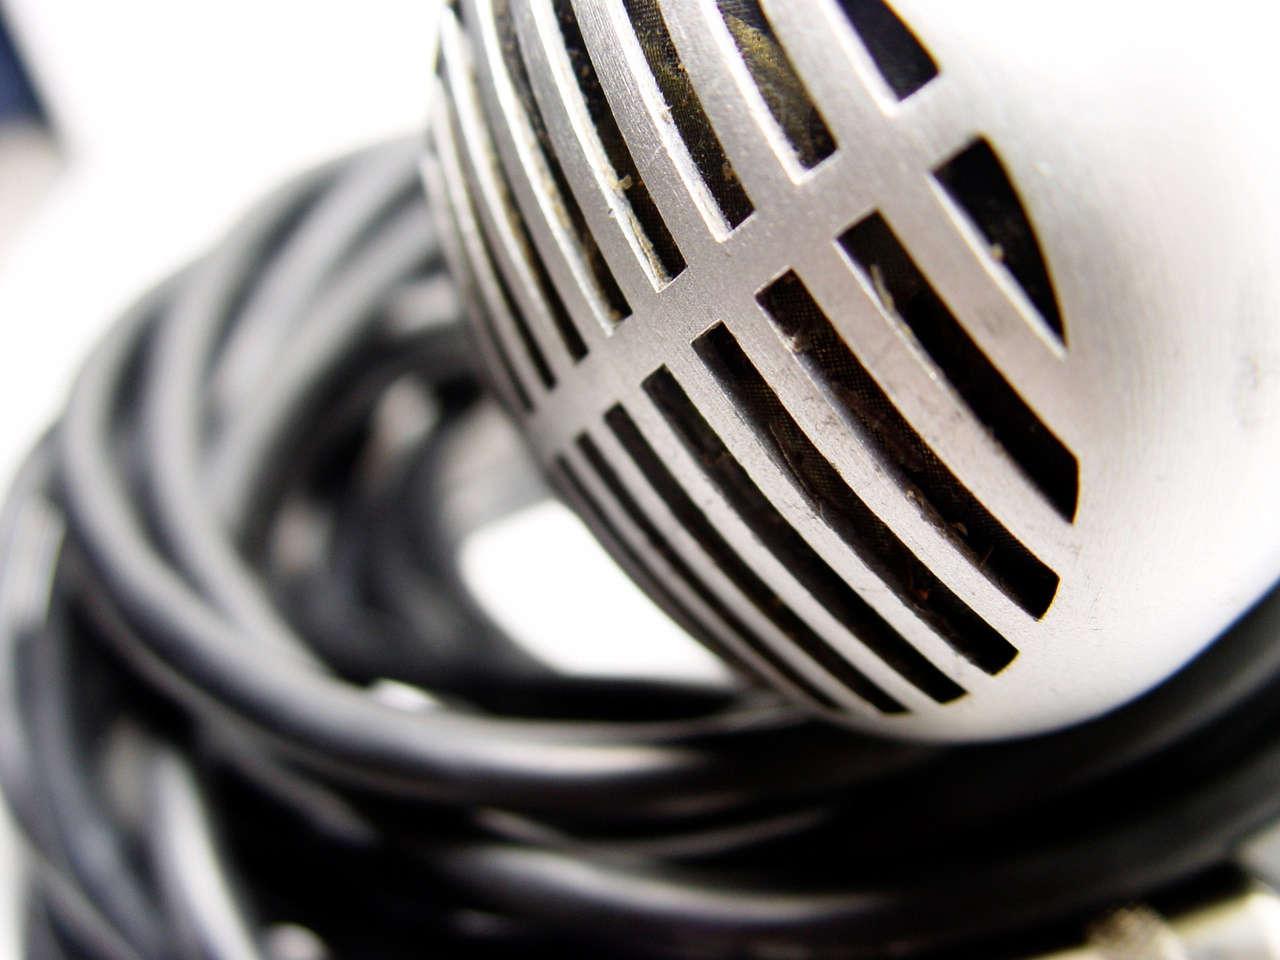 Imagen en blanco y negro de un micrófono de radio antiguo